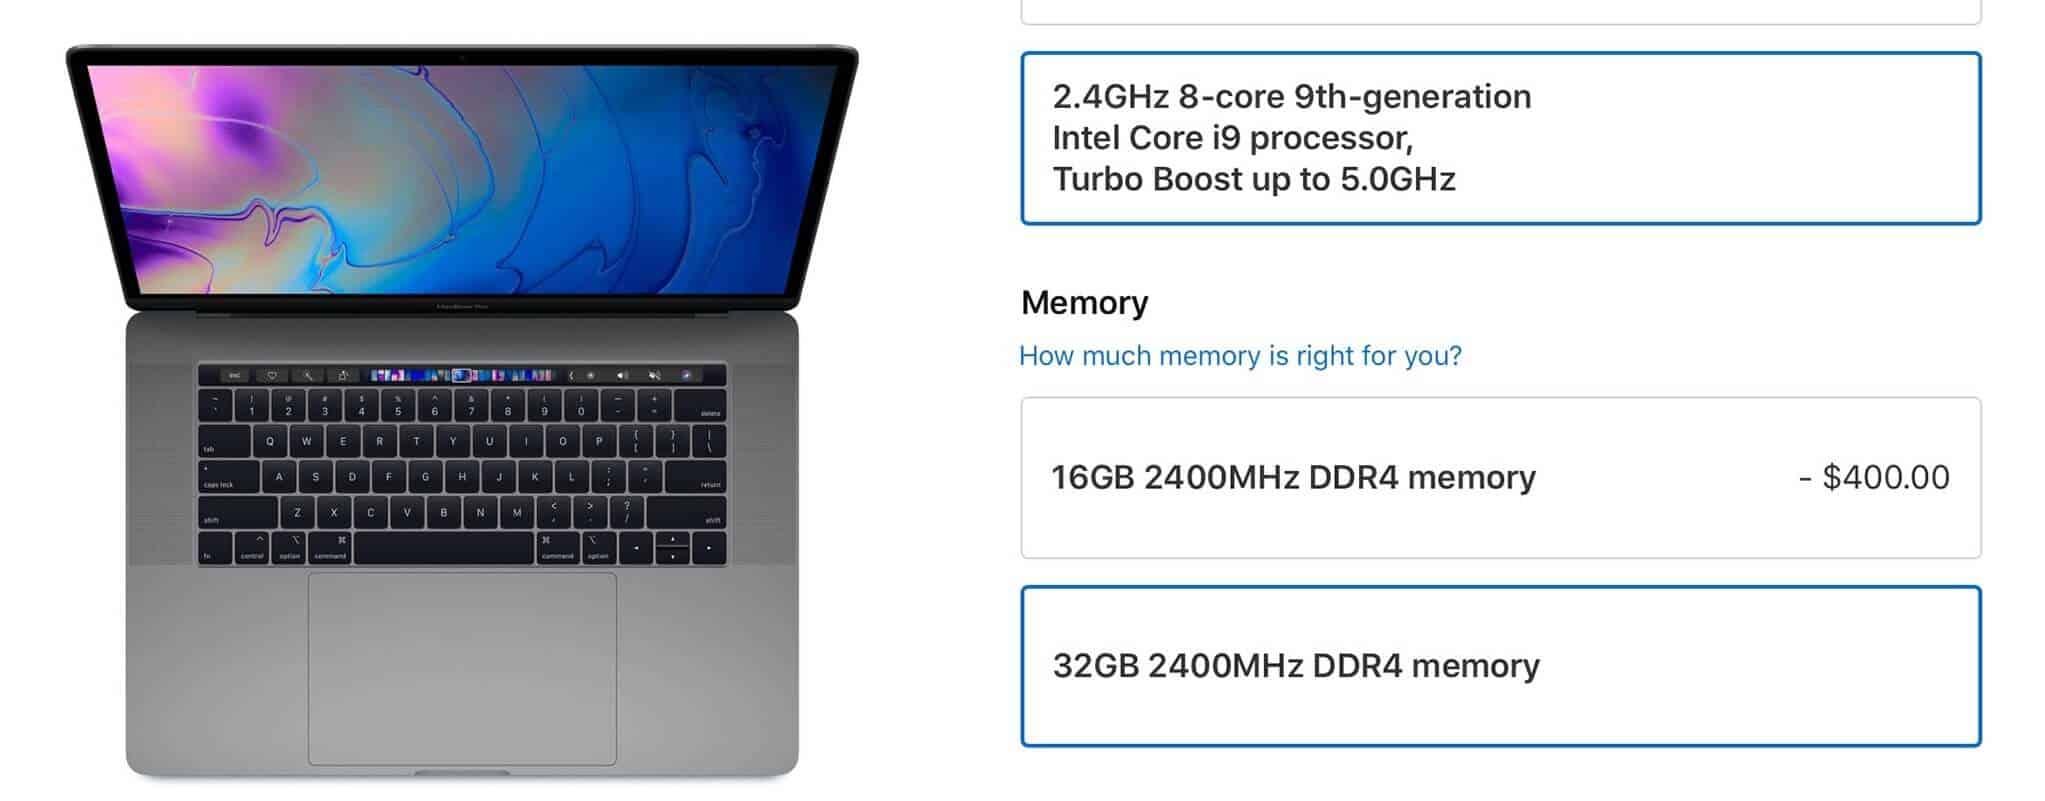 Thông số kỹ thuật của máy丨MacBook Pro 2019 MV942